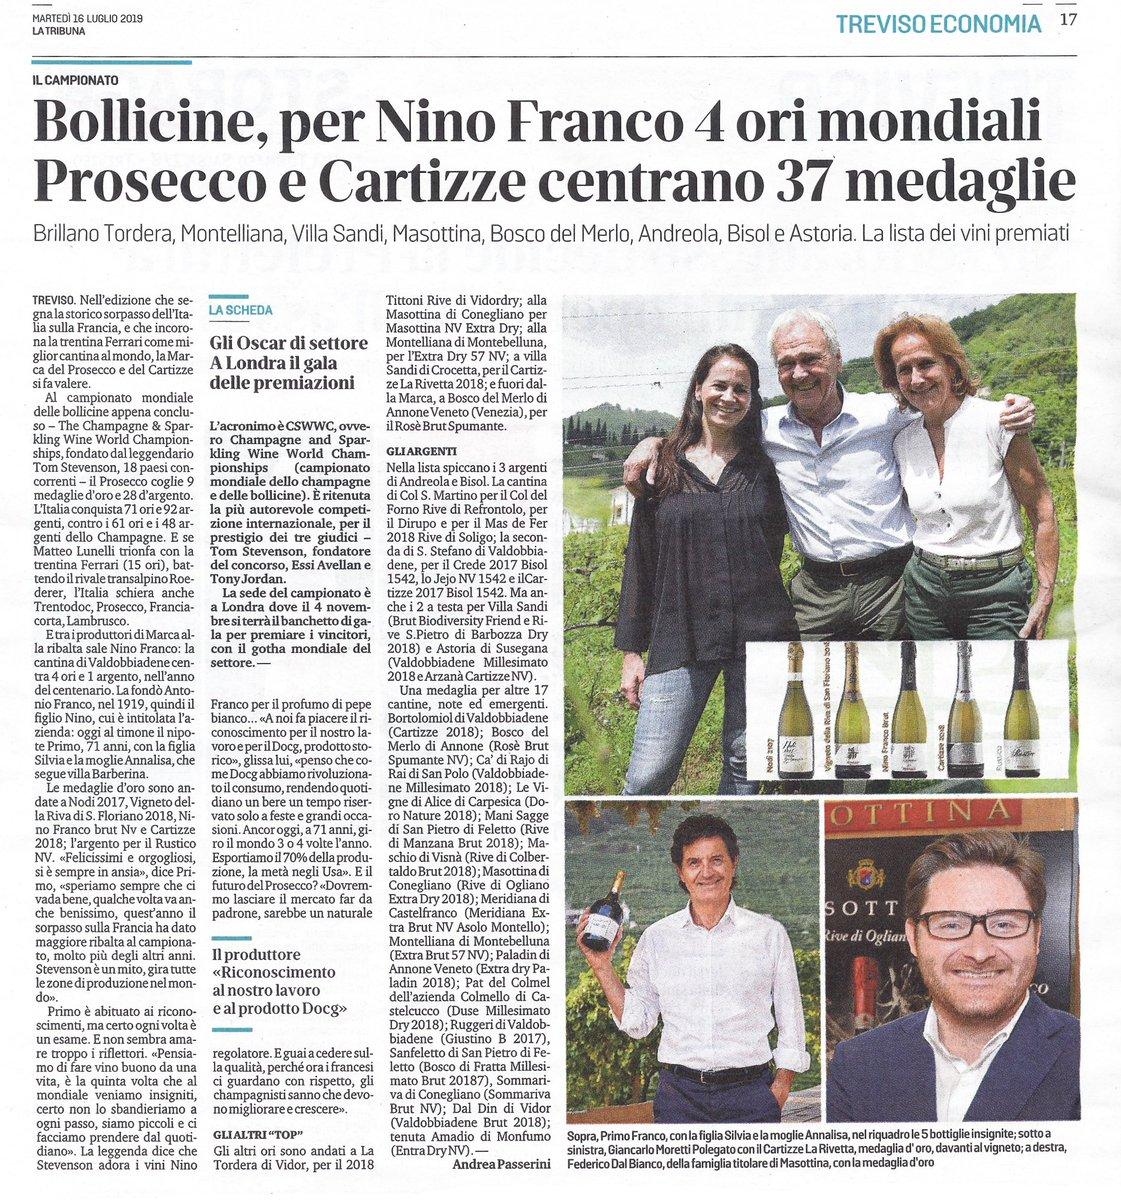 Grazie ad Andrea Passerini e a @tribuna_treviso. È bello che, in questo anno speciale, si raccontino i risultati del nostro lavoro ed del nostro territorio.  https://tribunatreviso.gelocal.it/treviso/cronaca/2019/07/16/news/i-mondiali-delle-bollicine-per-nino-franco-4-ori-prosecco-e-cartizze-centrano-37-medaglie-1.37050136…  #NinoFranco1919 #ProseccoSuperiore #Valdobbiadene #cswwc #cswwc2019 #WineAwards